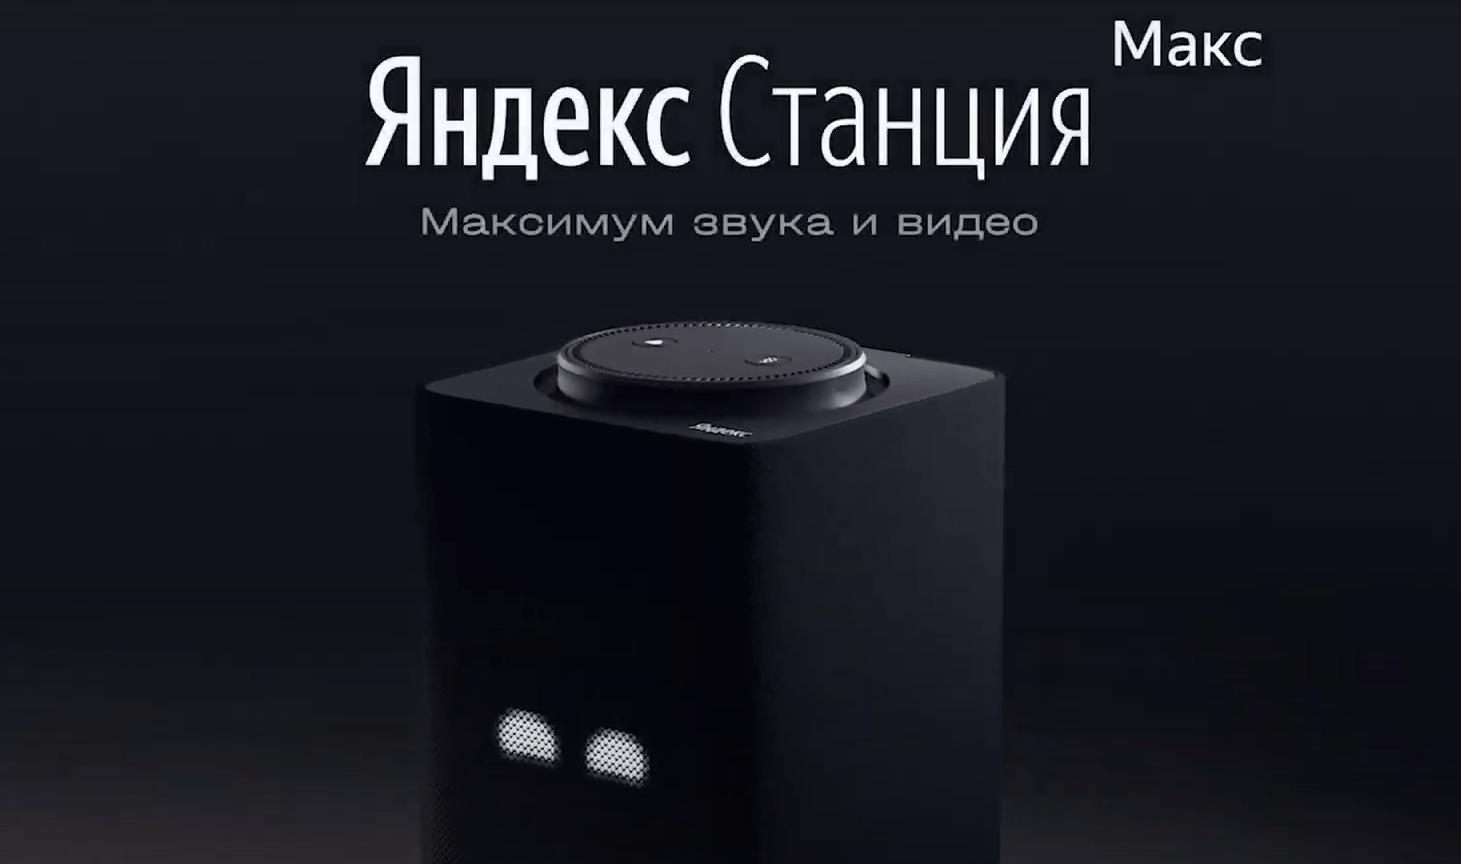 Яндекс представил колонку Яндекс.Станция Макс на YaC 2020 (image 11)